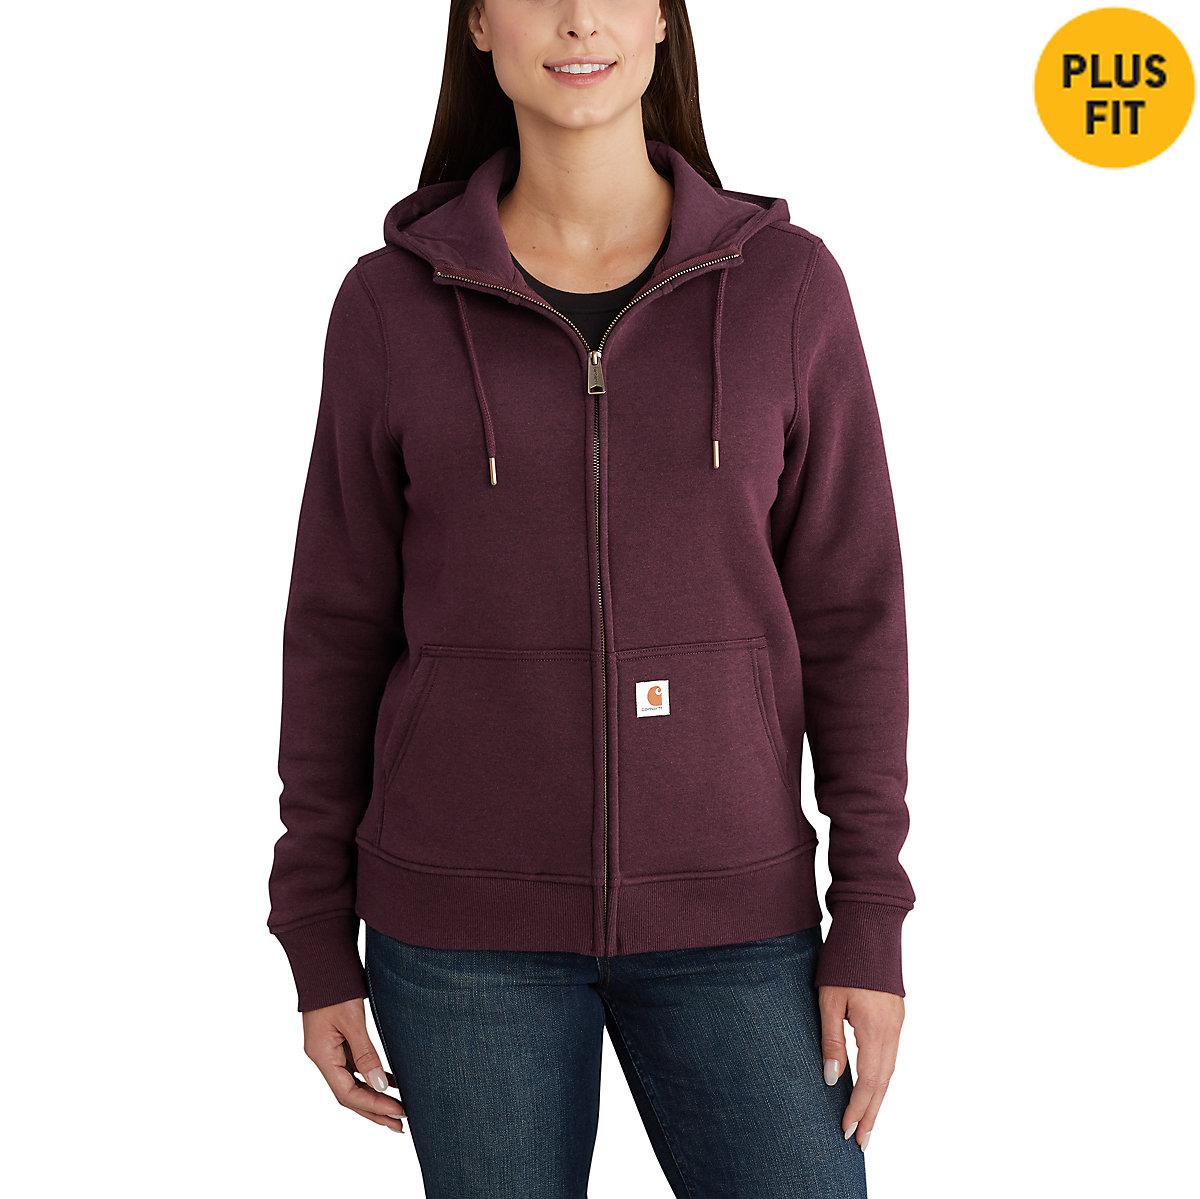 Women's Clarksburg Full-Zip Hoodie 102788